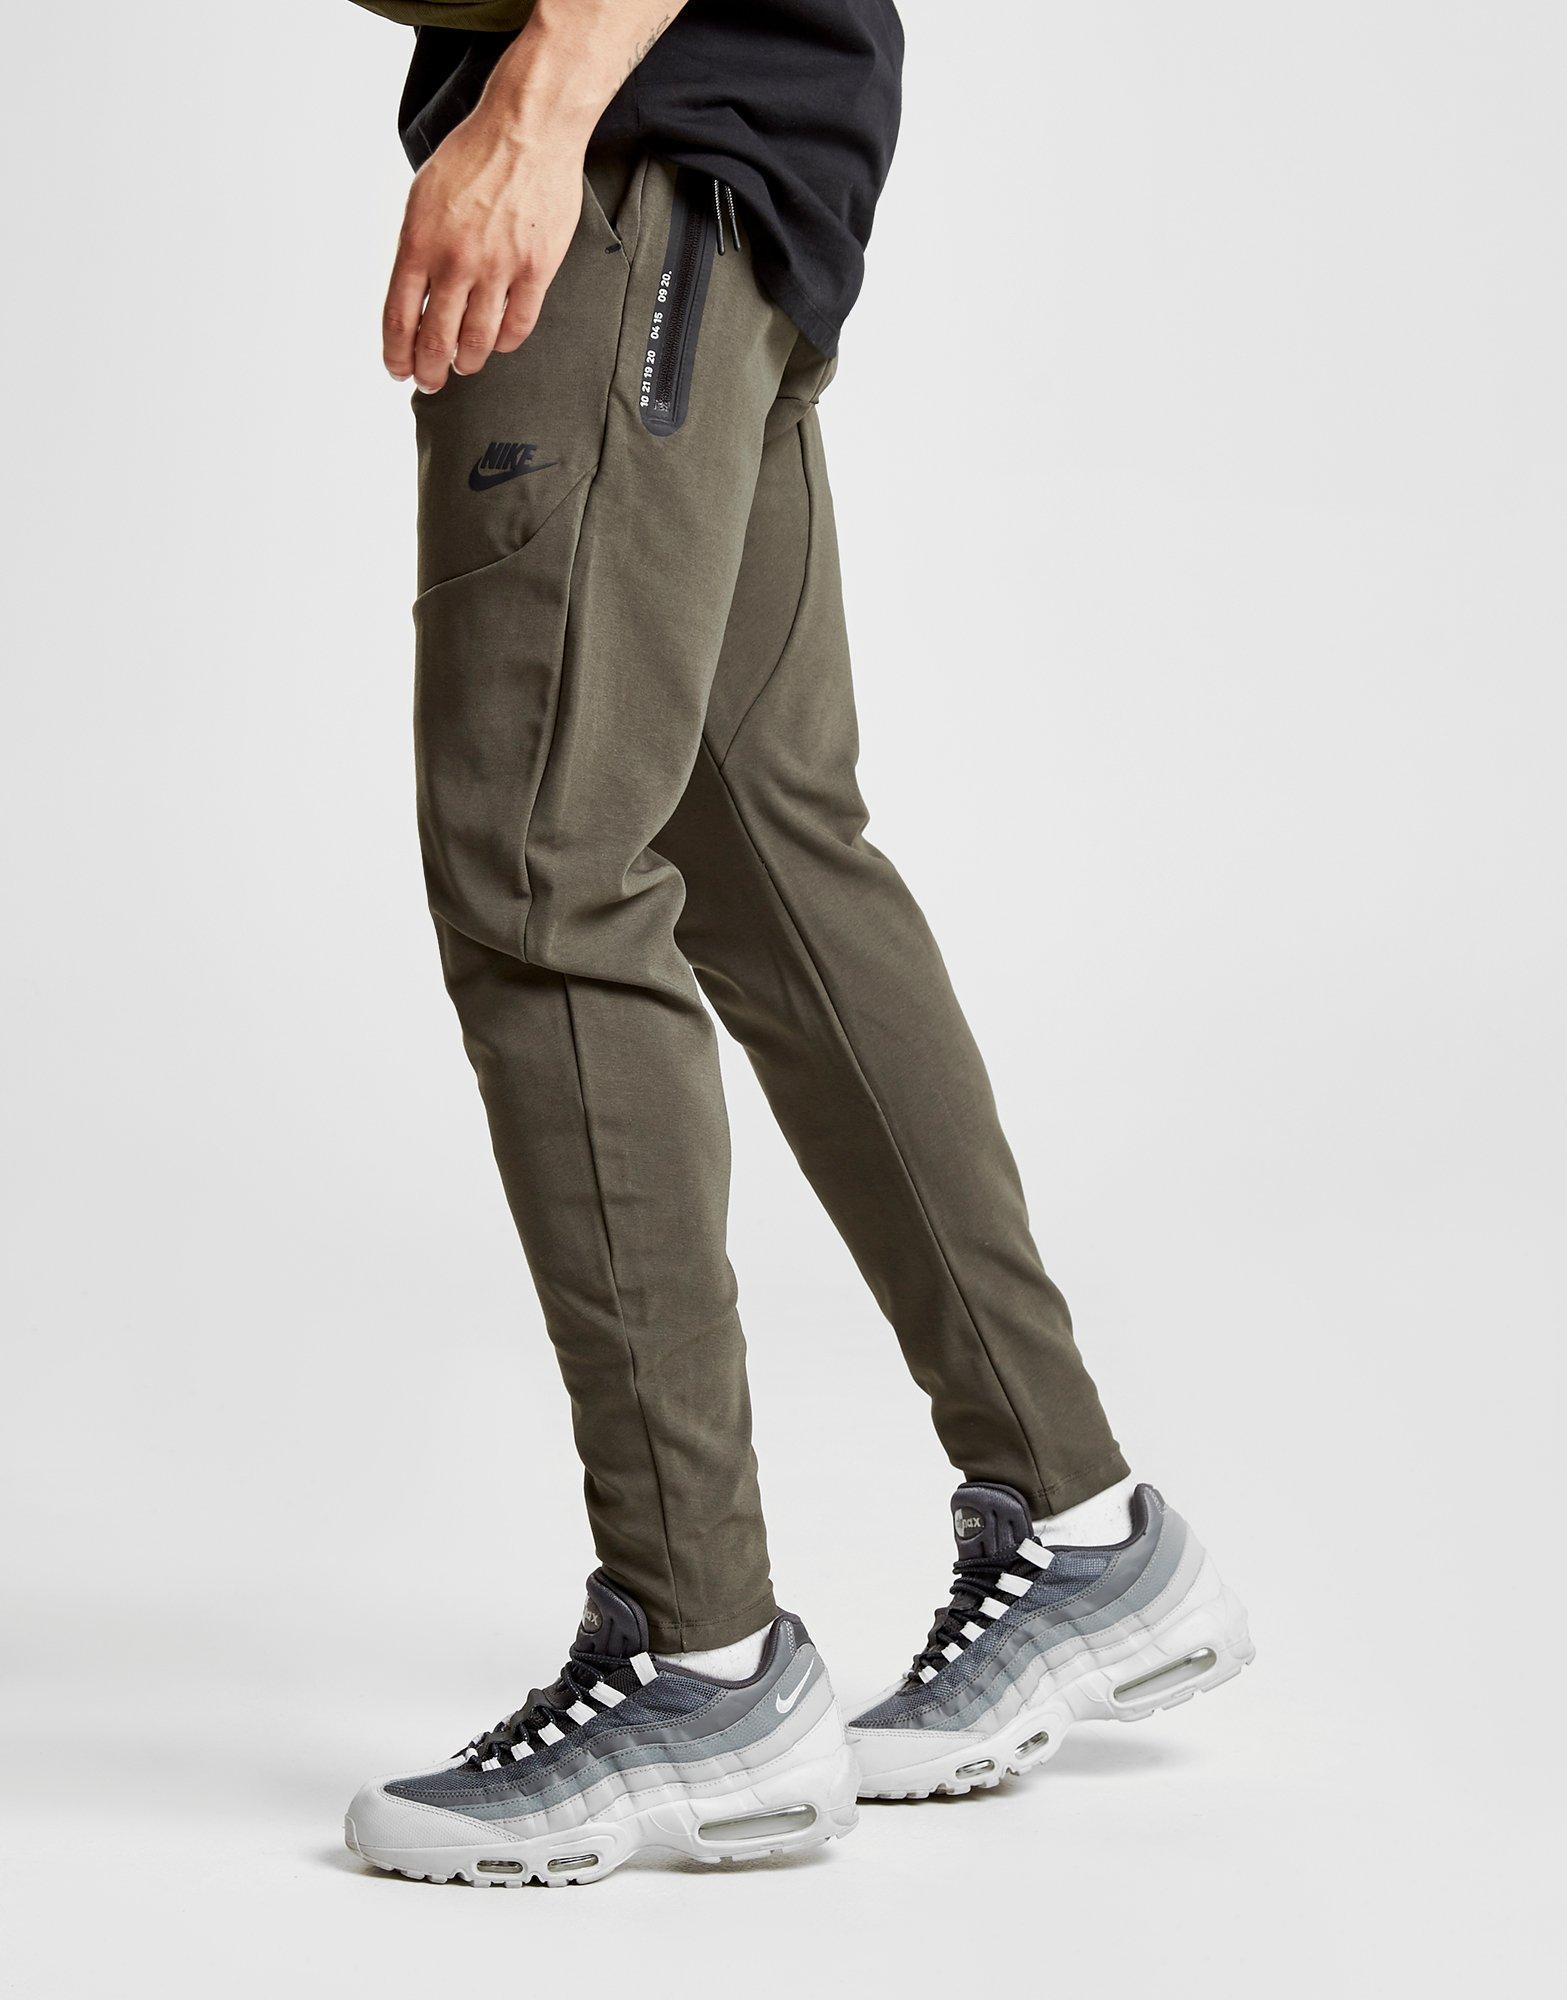 Lyst - Nike Sportswear Tech Track Pants in Green for Men a3f4921a2